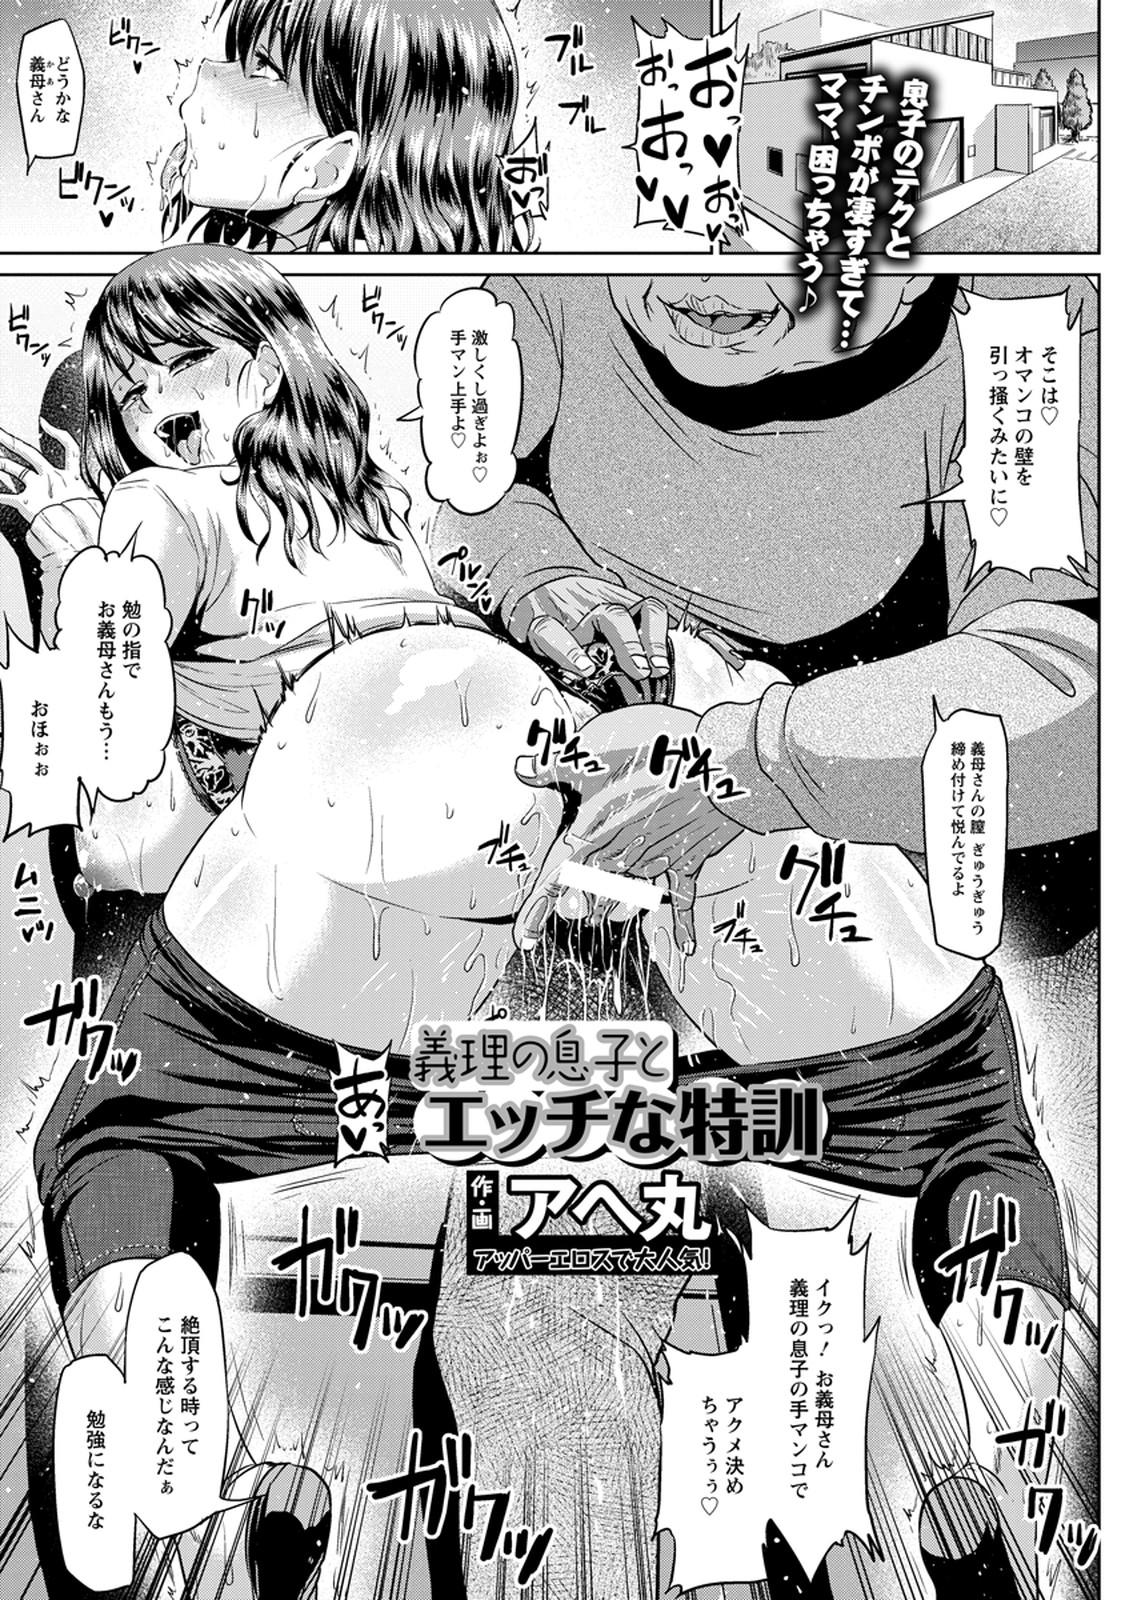 な 無料 マンガ エッチ